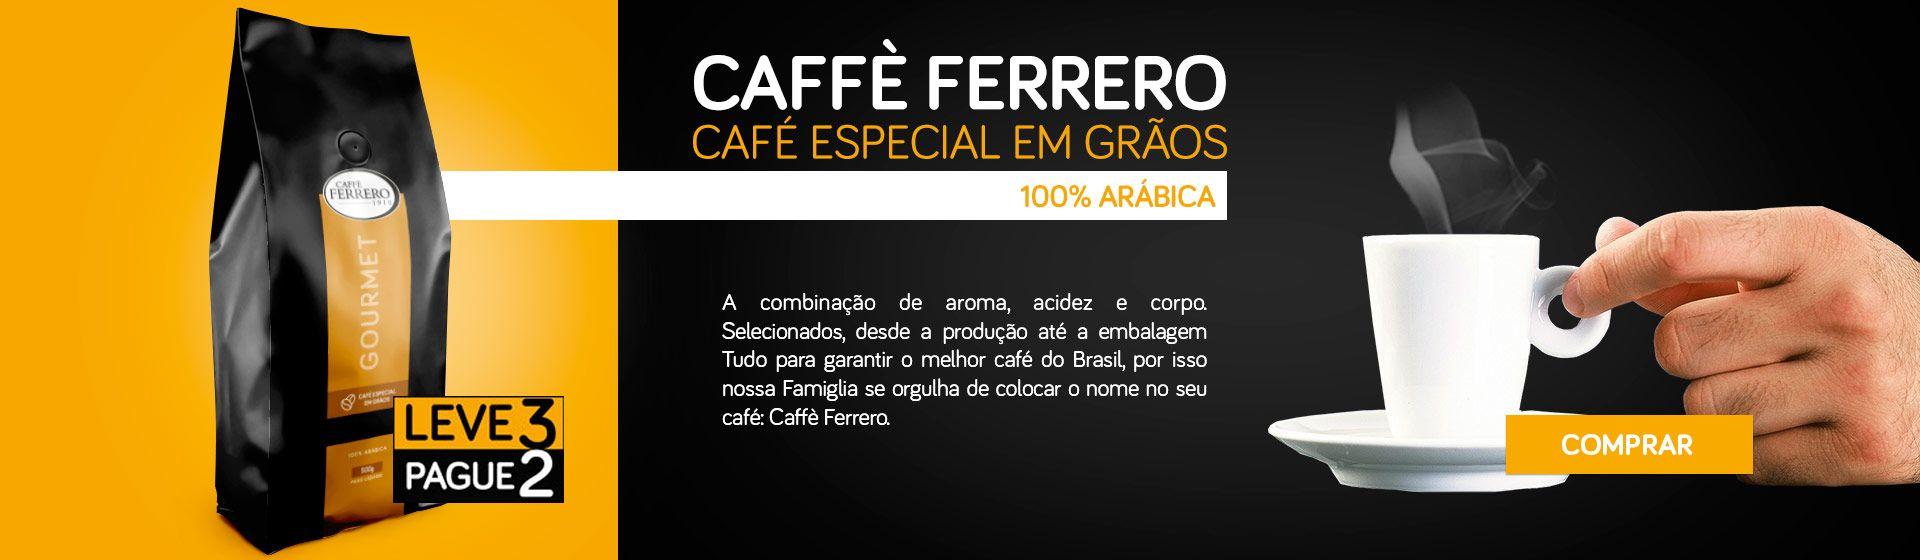 Caffe Ferrero Grãos